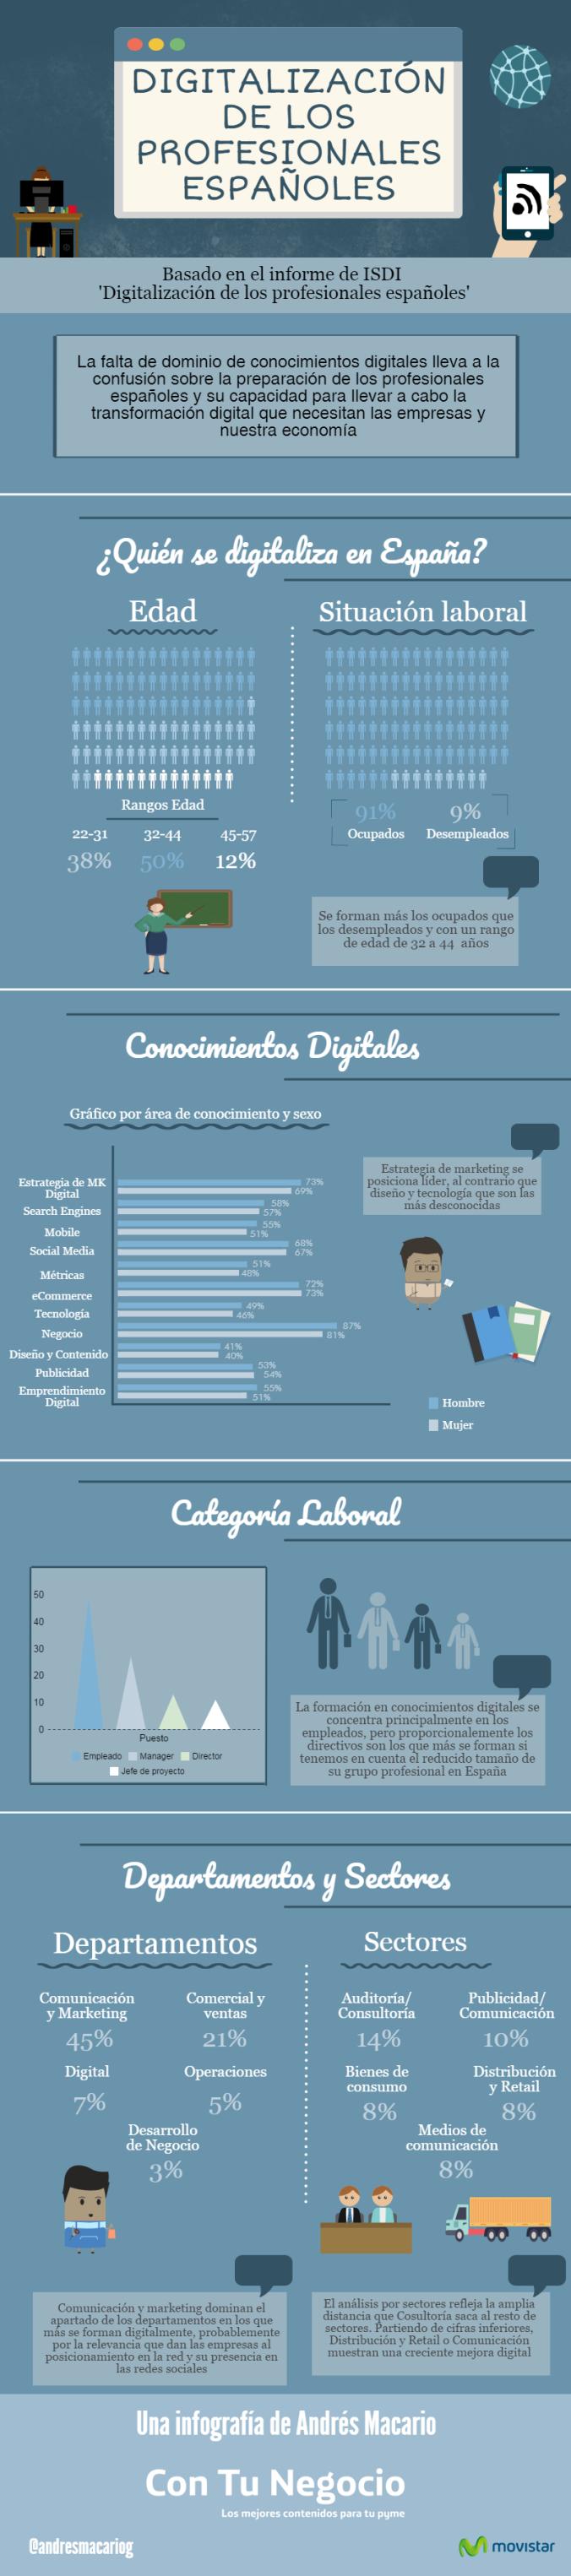 Digitalización de los profesionales españoles - Infografía Andrés Macario